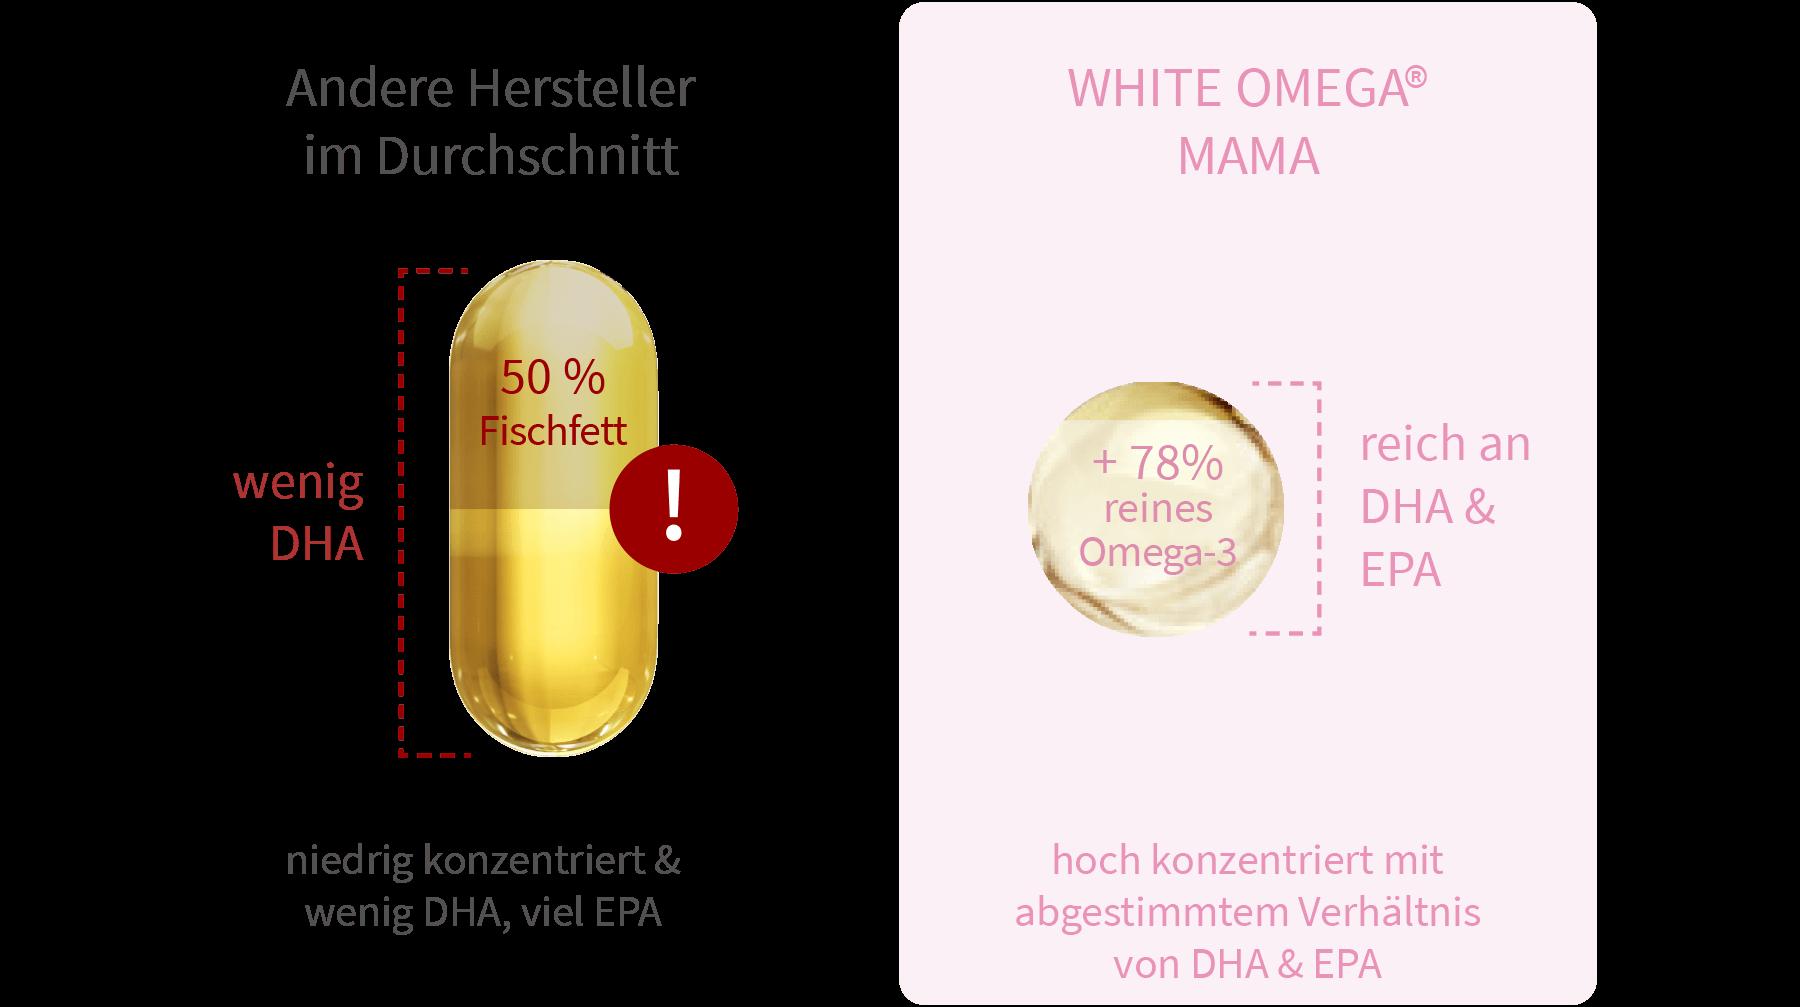 Diagramm: Totox-Wert von White Omega